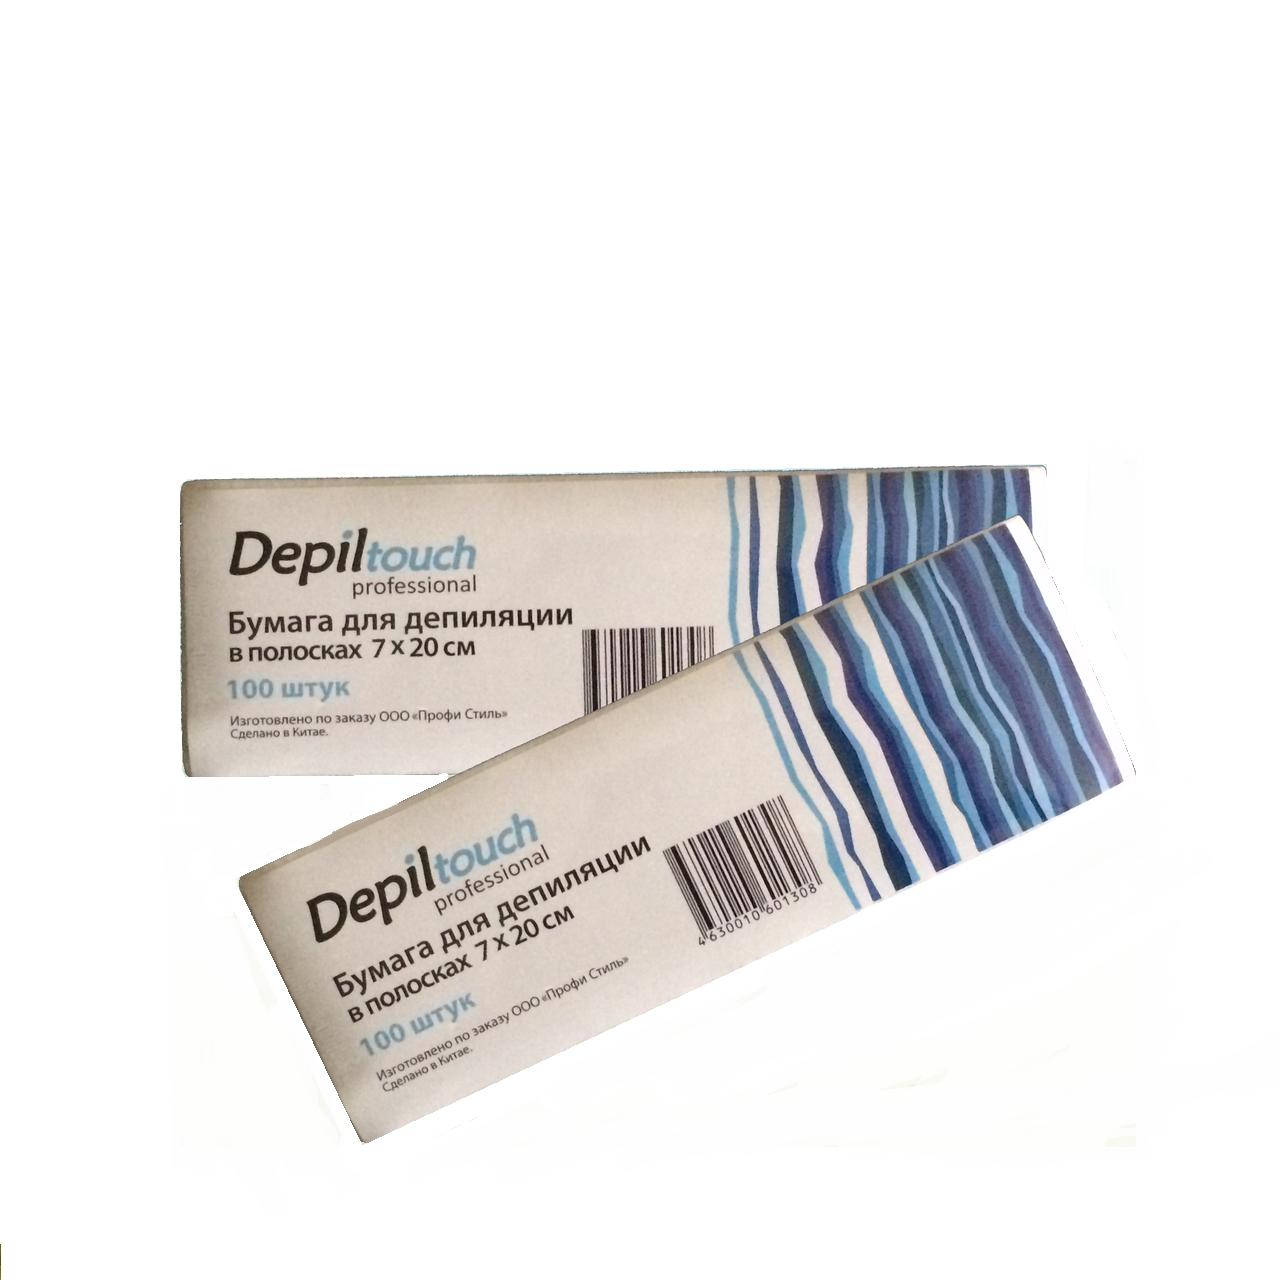 Полоски для депиляции Depiltouch размером 7*20 см NDS-100 для косметических салонов 100 шт.